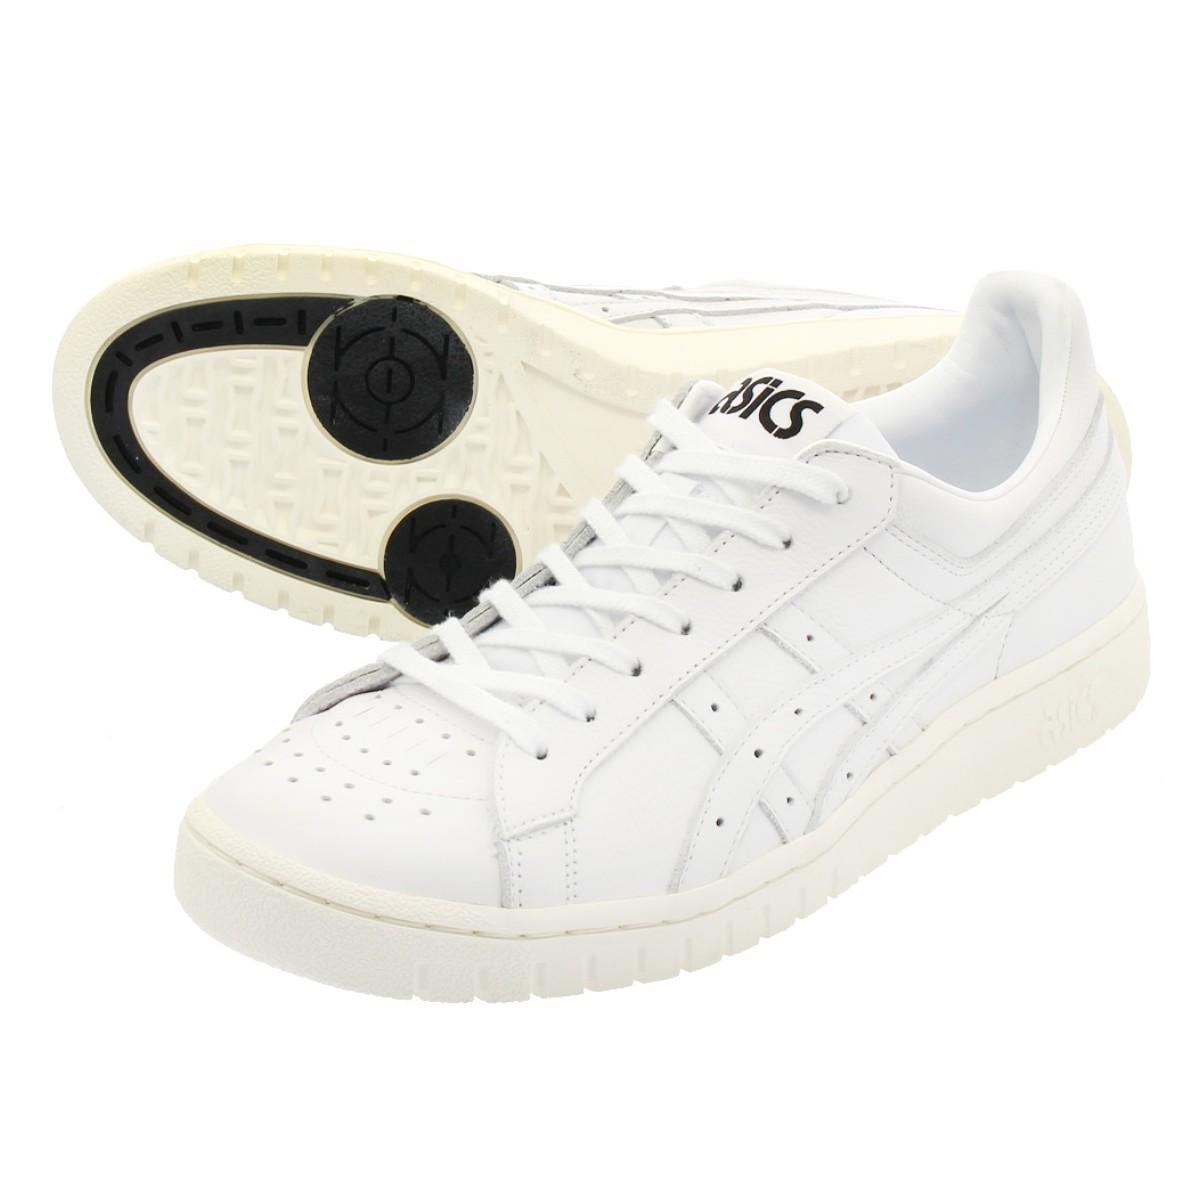 ASICS Tiger GEL-PTG アシックス タイガー ゲル PTG WHITE/WHITE hl7x0-0101